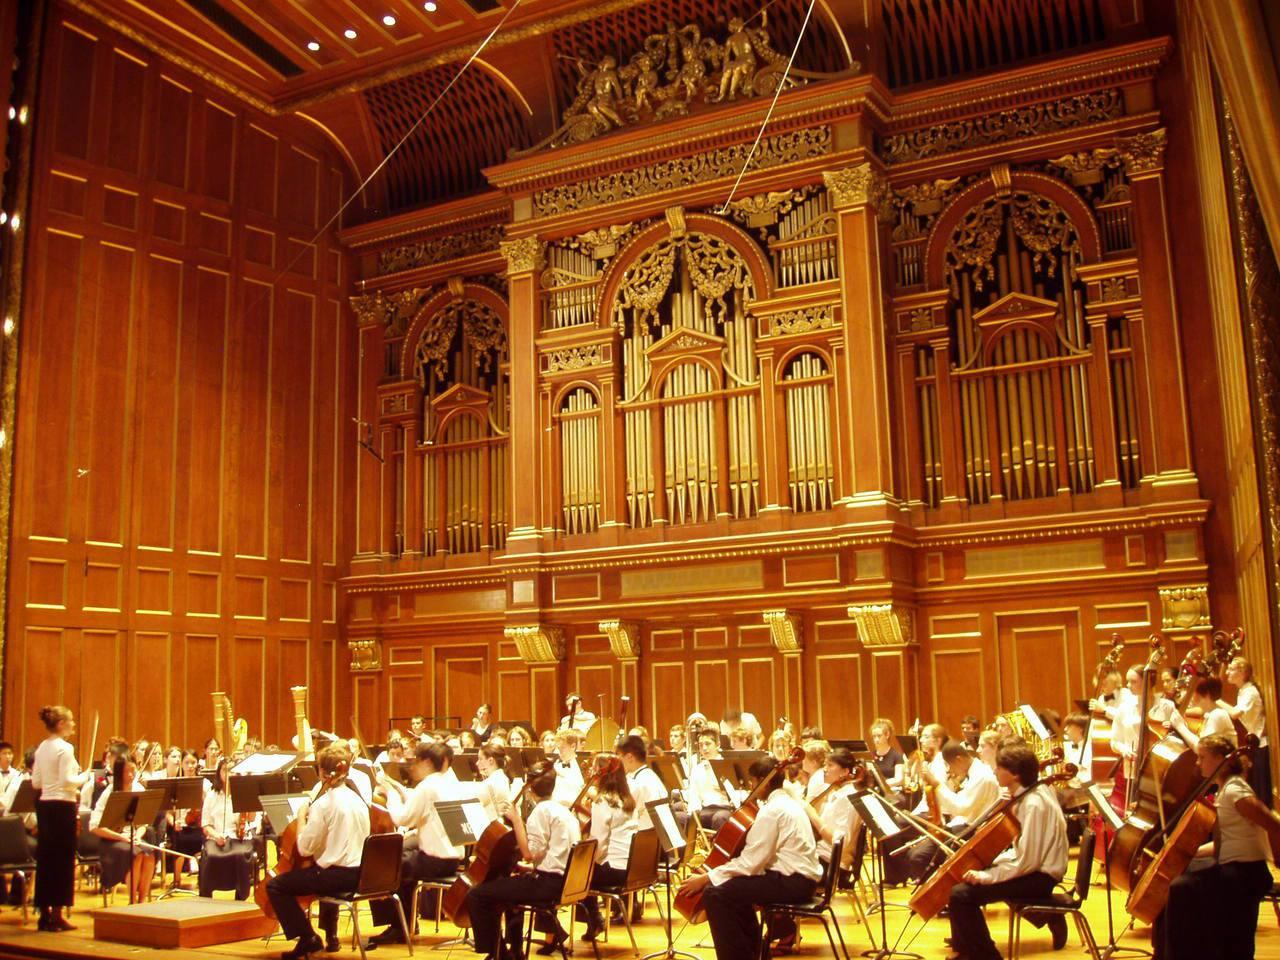 校內的音樂廳 Jordan Hall